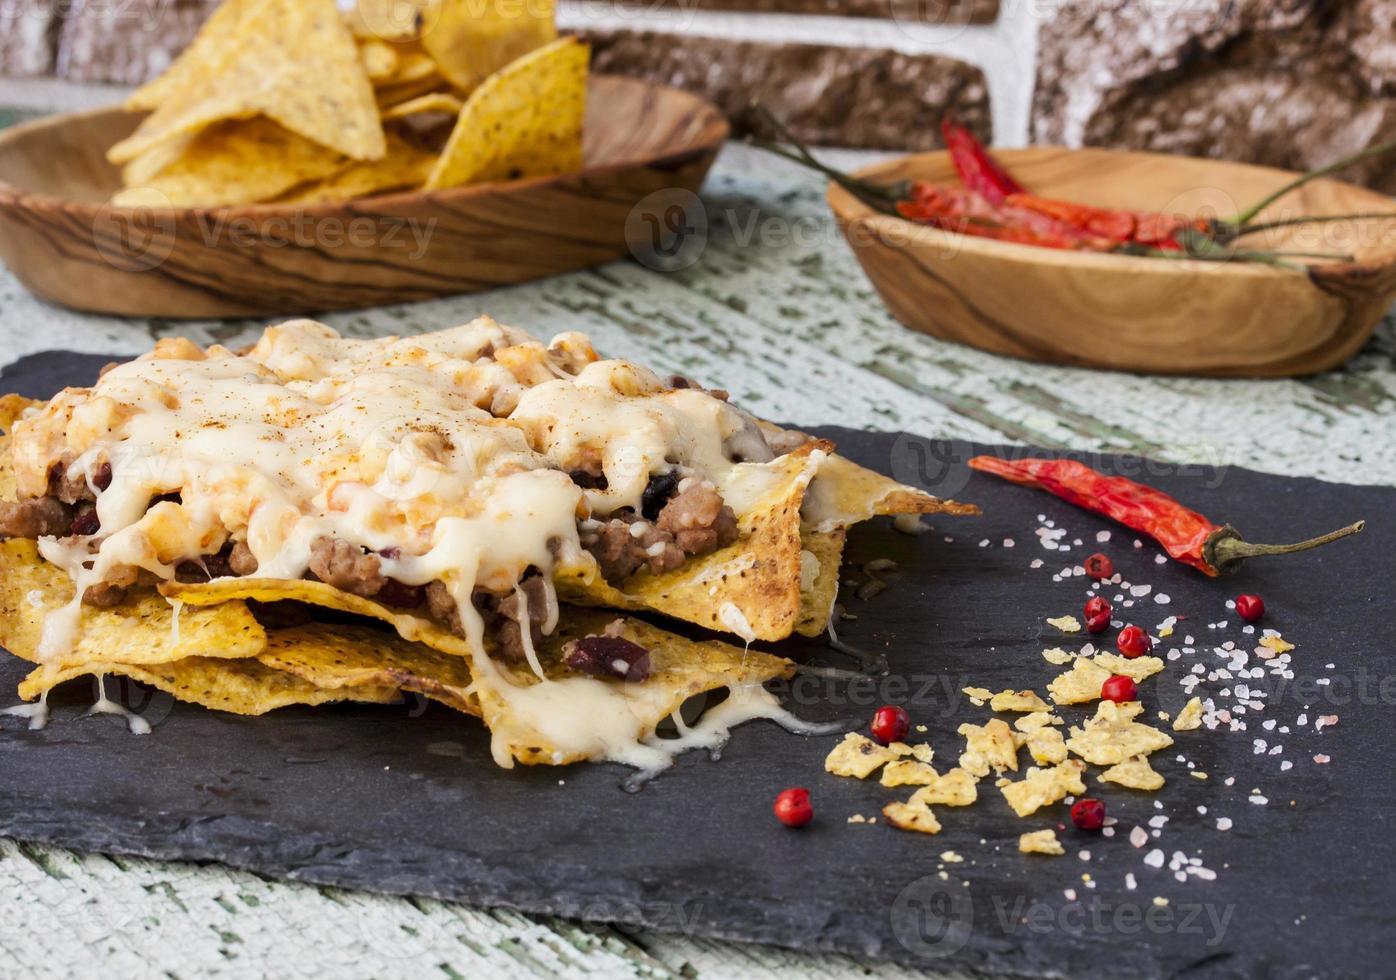 nachos con carne de res foto